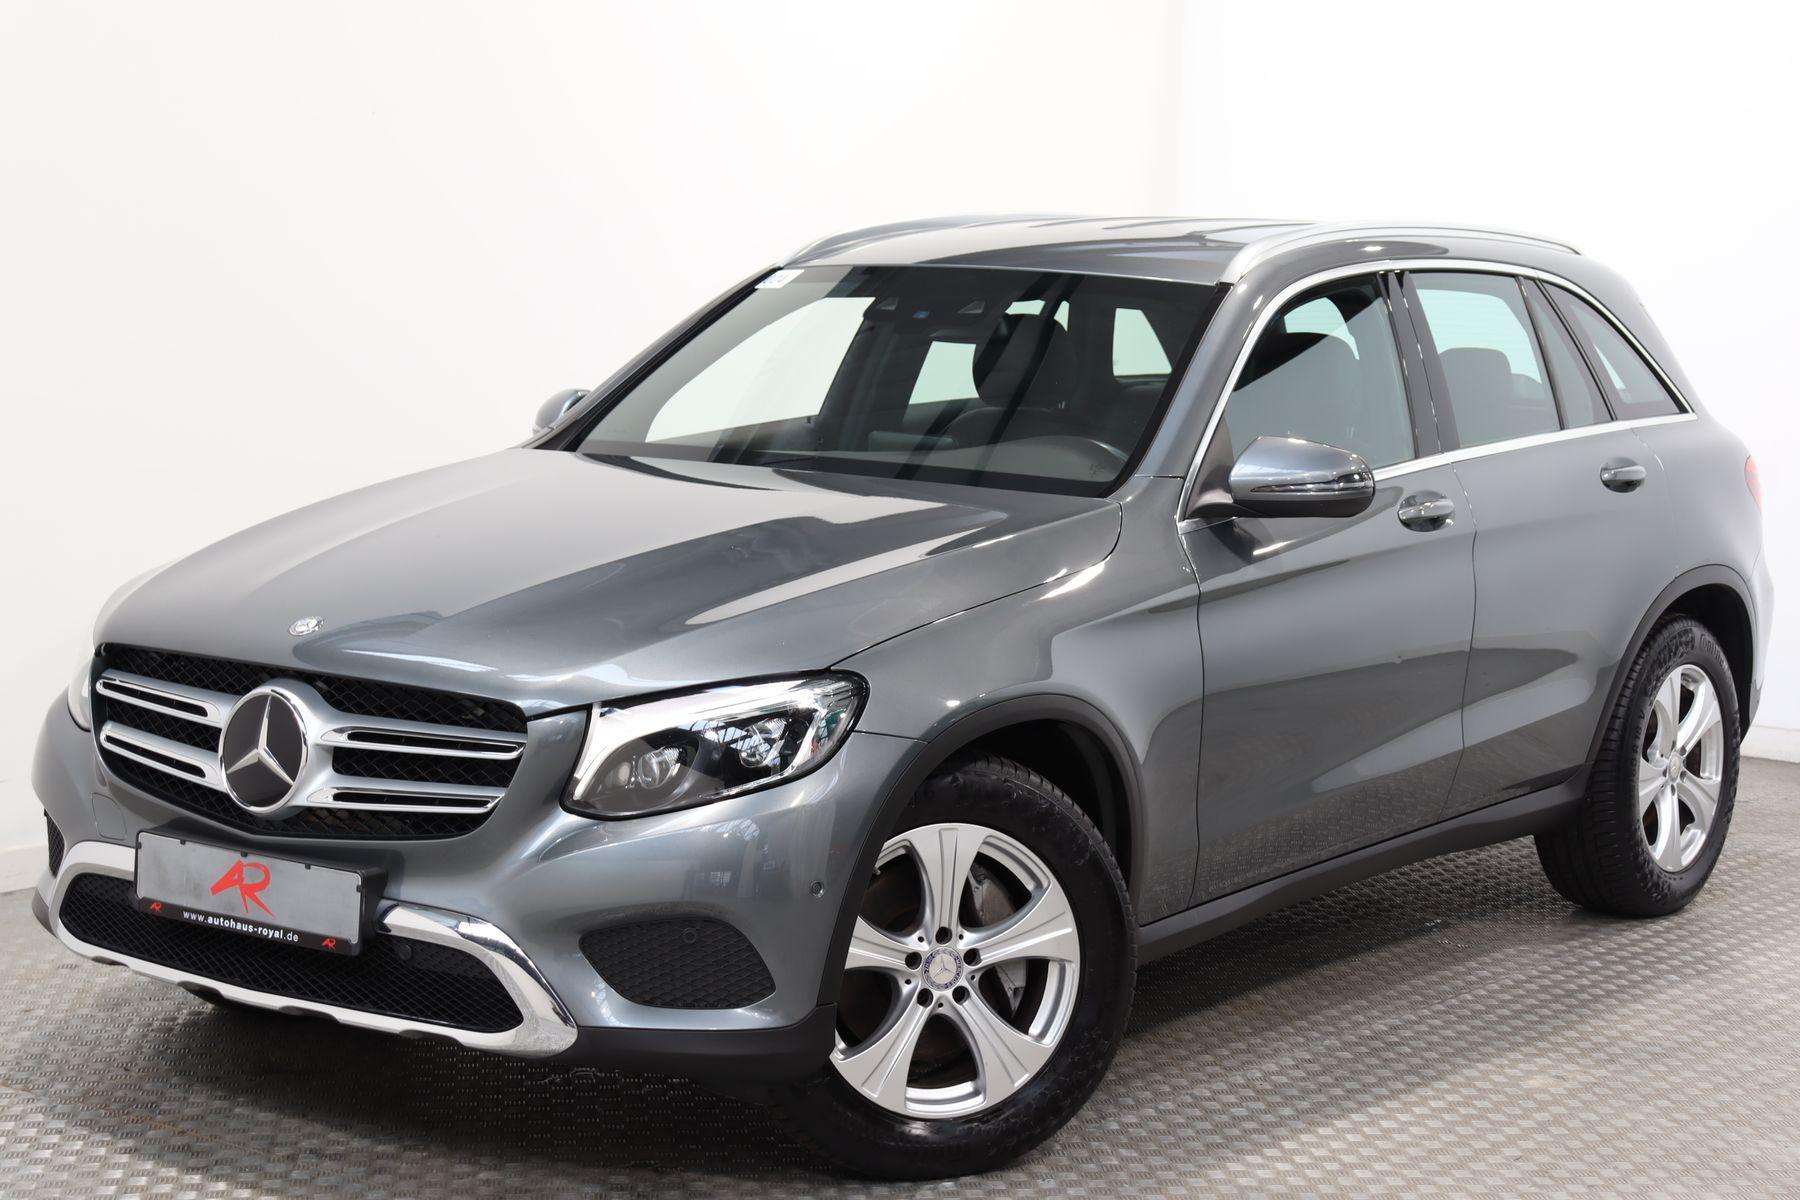 Mercedes-Benz GLC 220 d 4M EXCLUSIVE DISTRONIC,KAMERA,LEDILS, Jahr 2016, Diesel